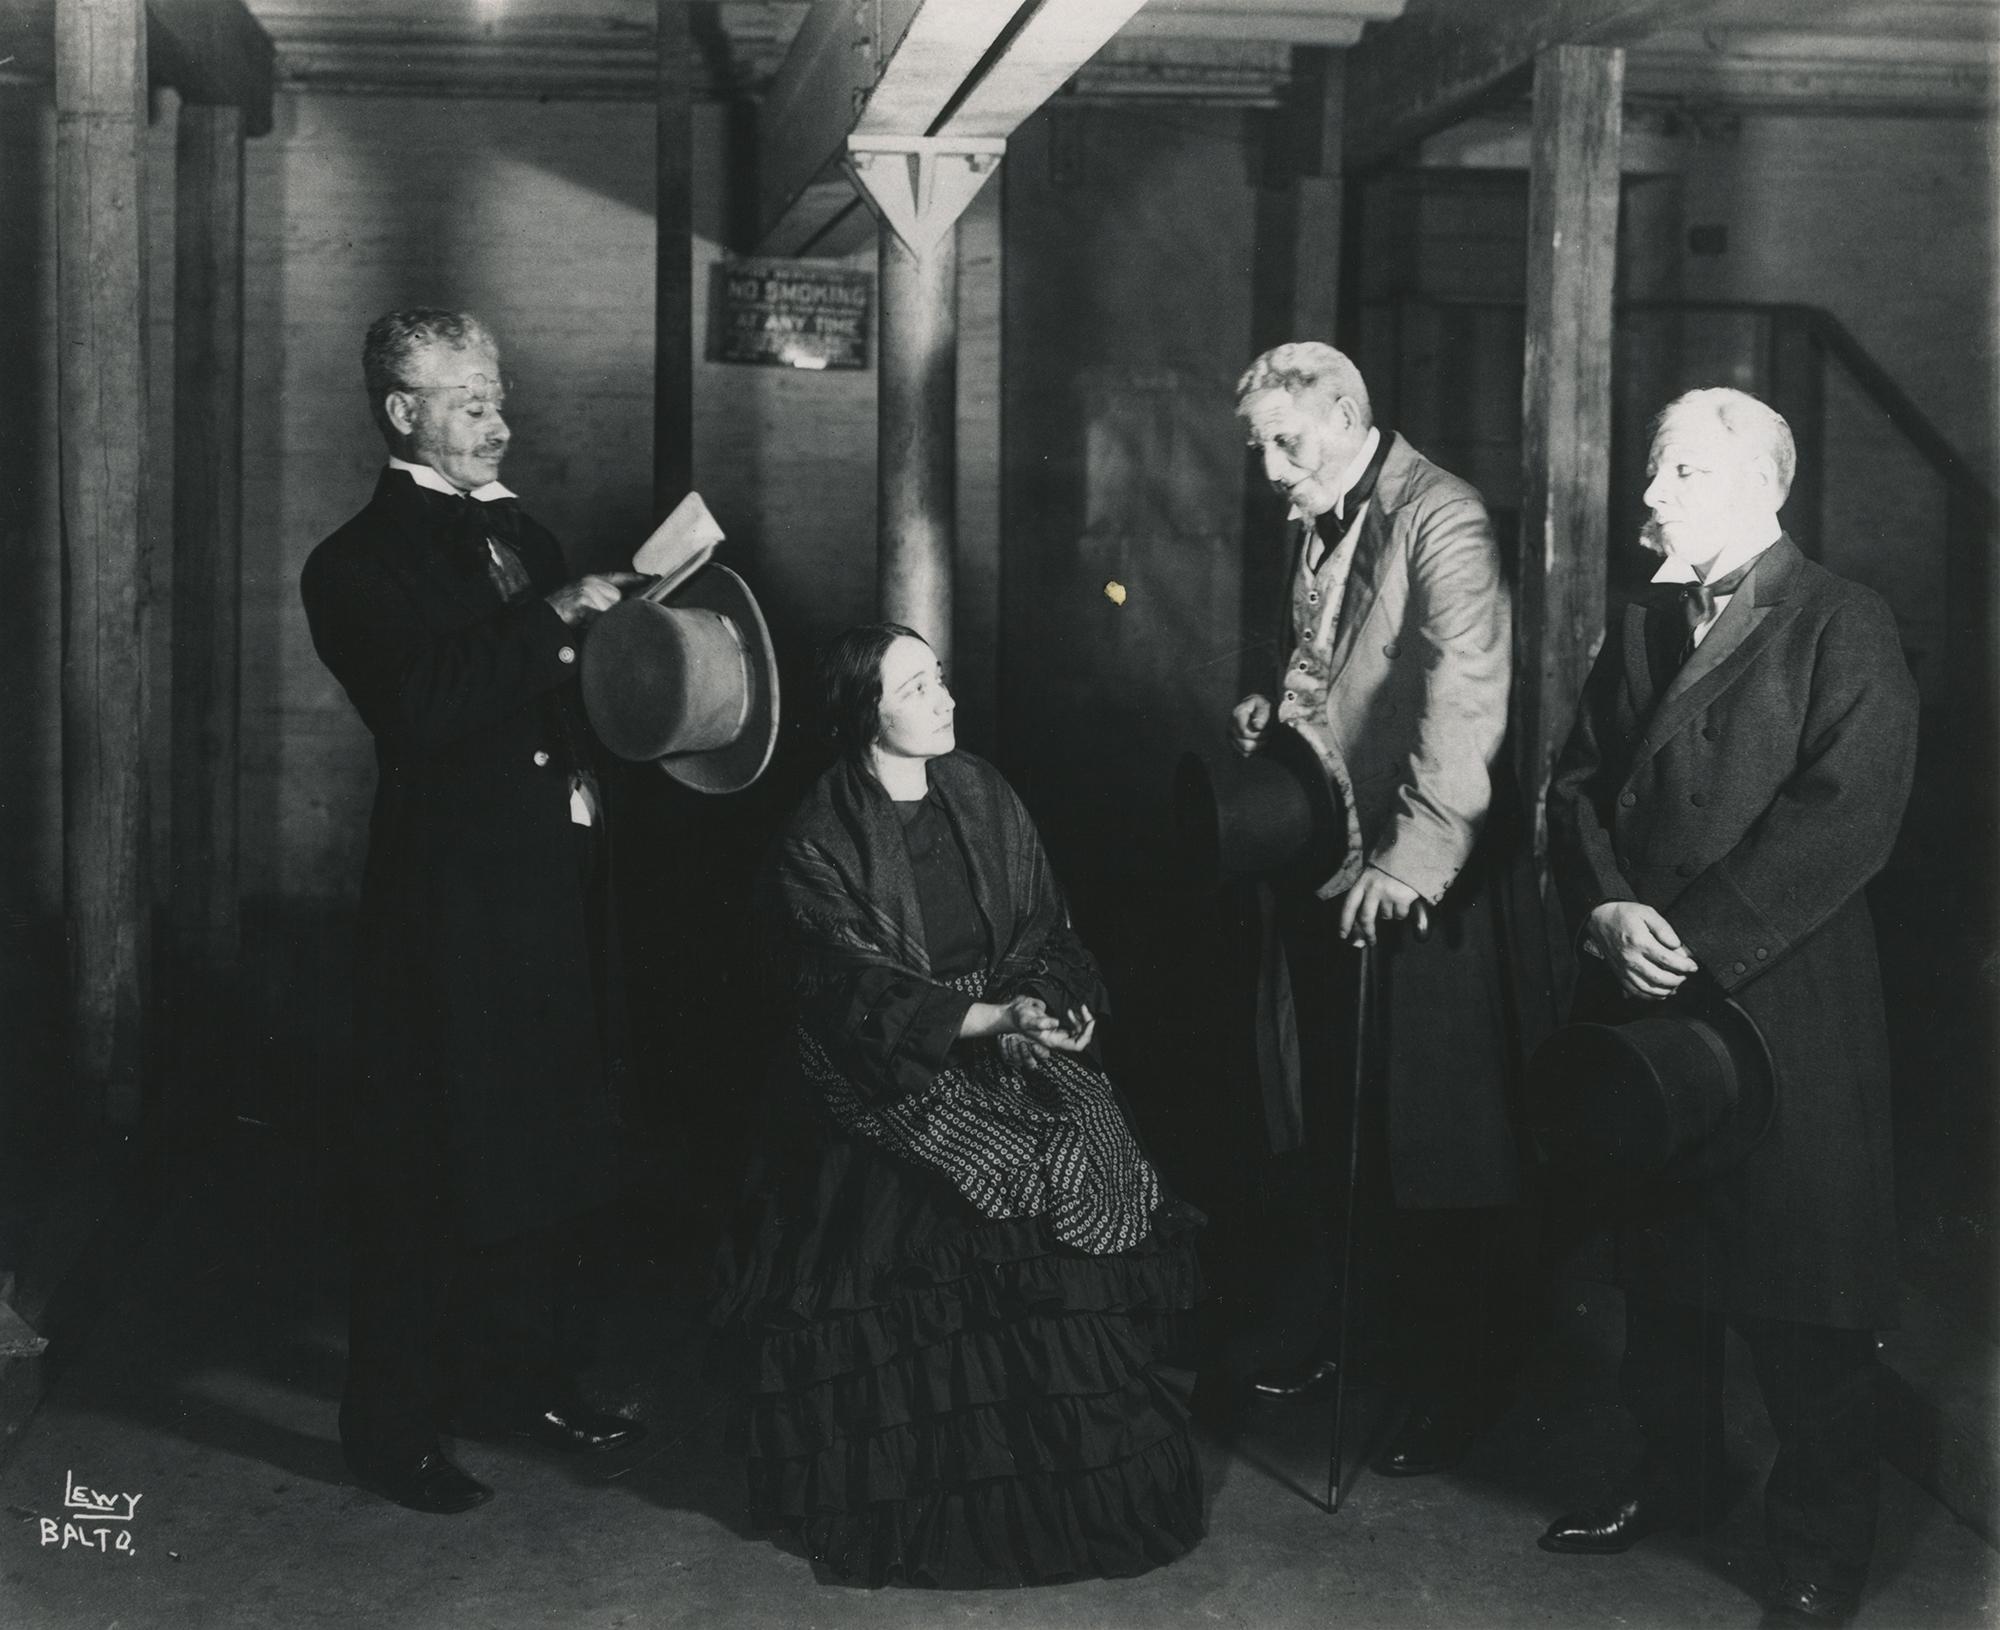 1922 image